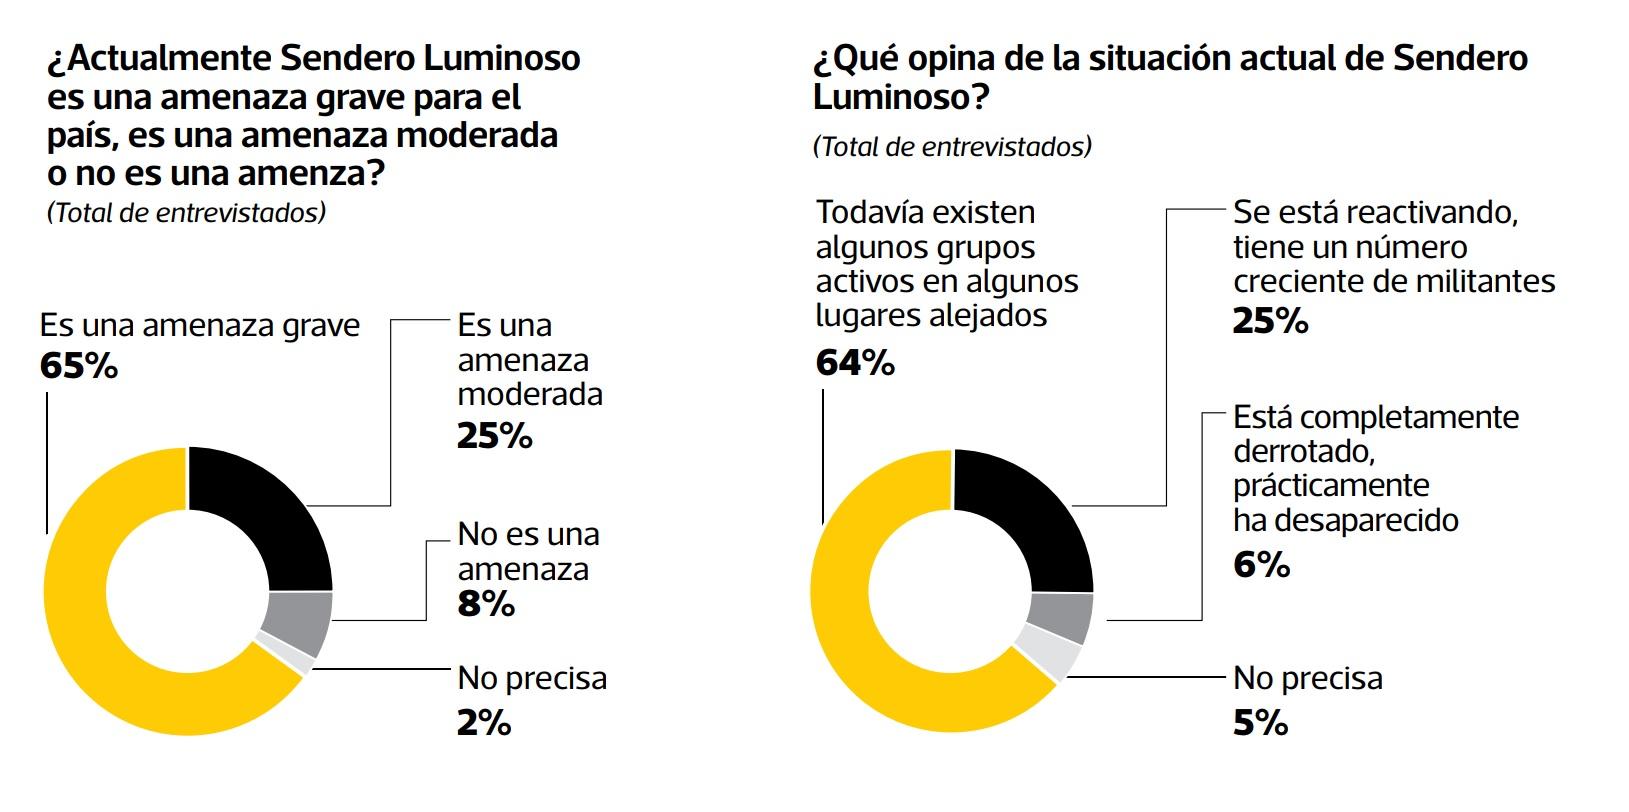 Fuente: Ipsos, El Comercio.